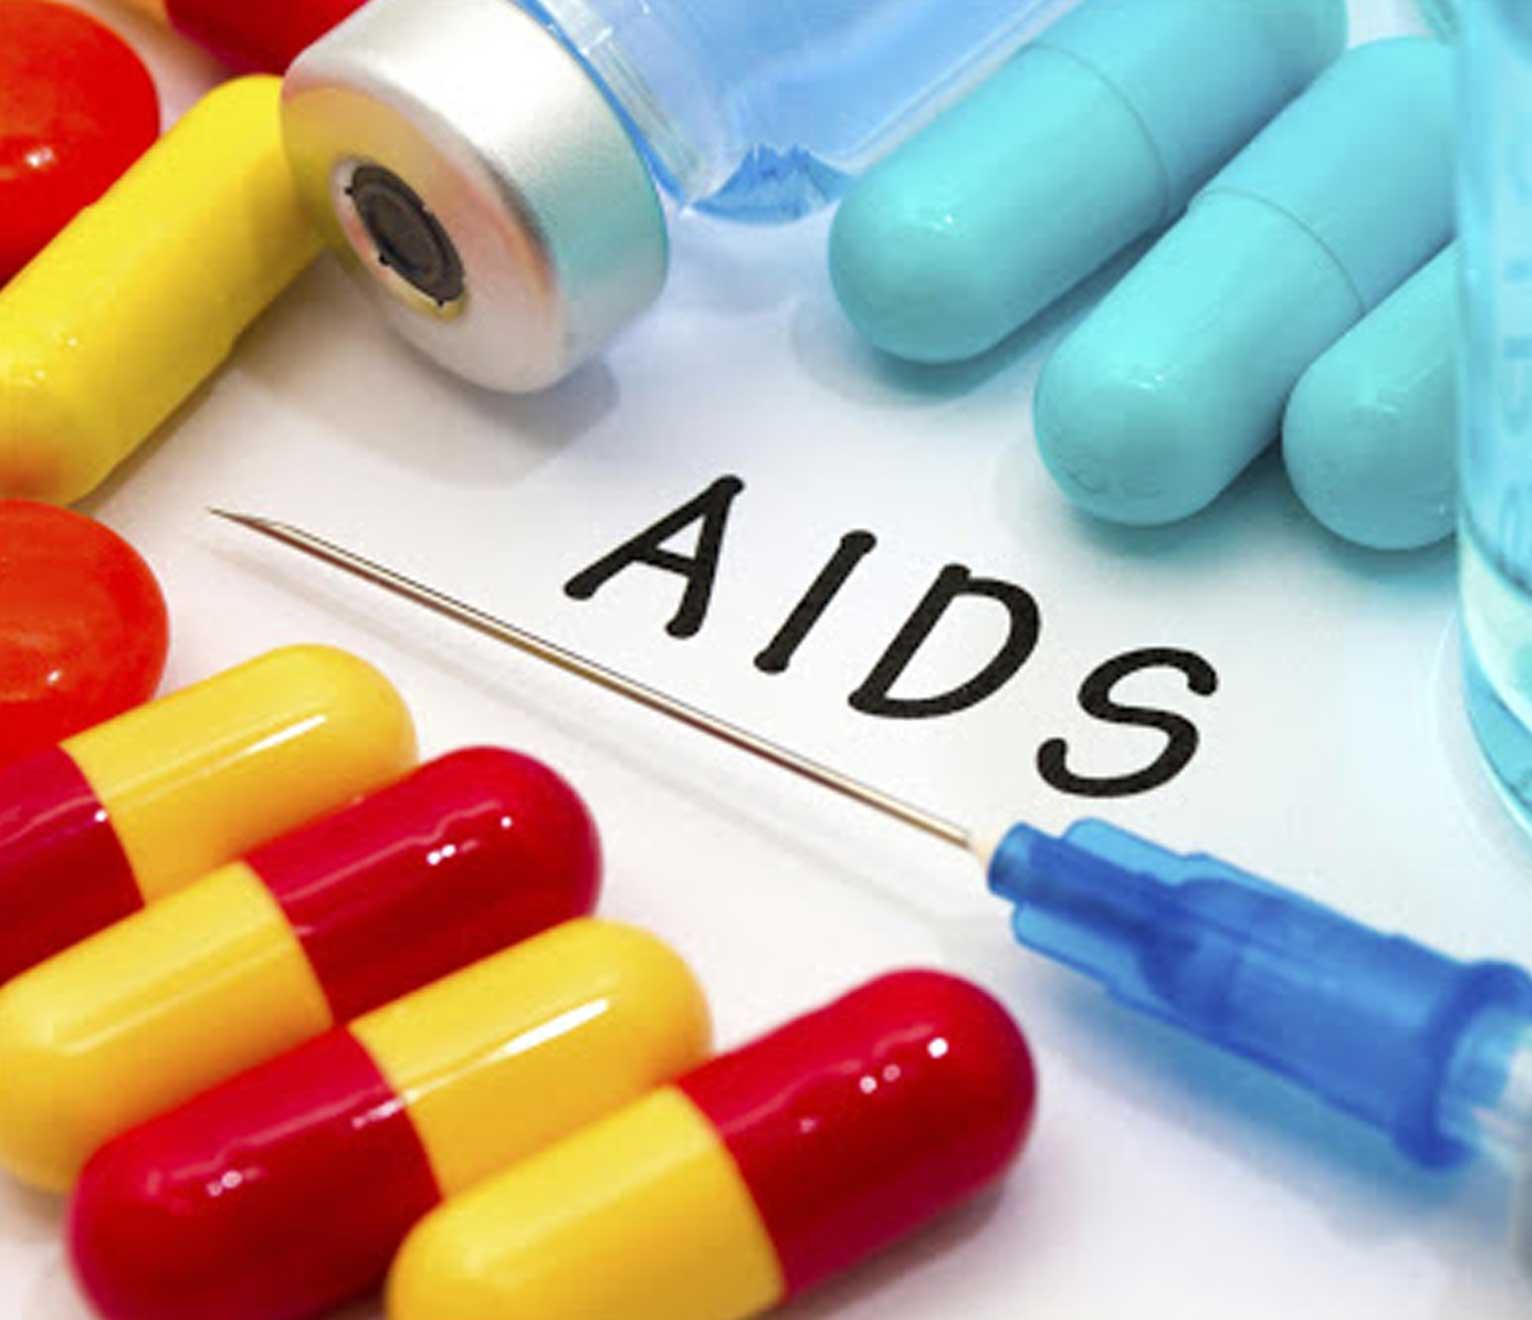 دواء جديد لفيروس العوز المناعي البشري يؤخذ على جرعتين سنويًا فقط - الدواء التجريبي الذي يسمى ليناكابافير - كبح عمل فيروس العوز المناعي البشري